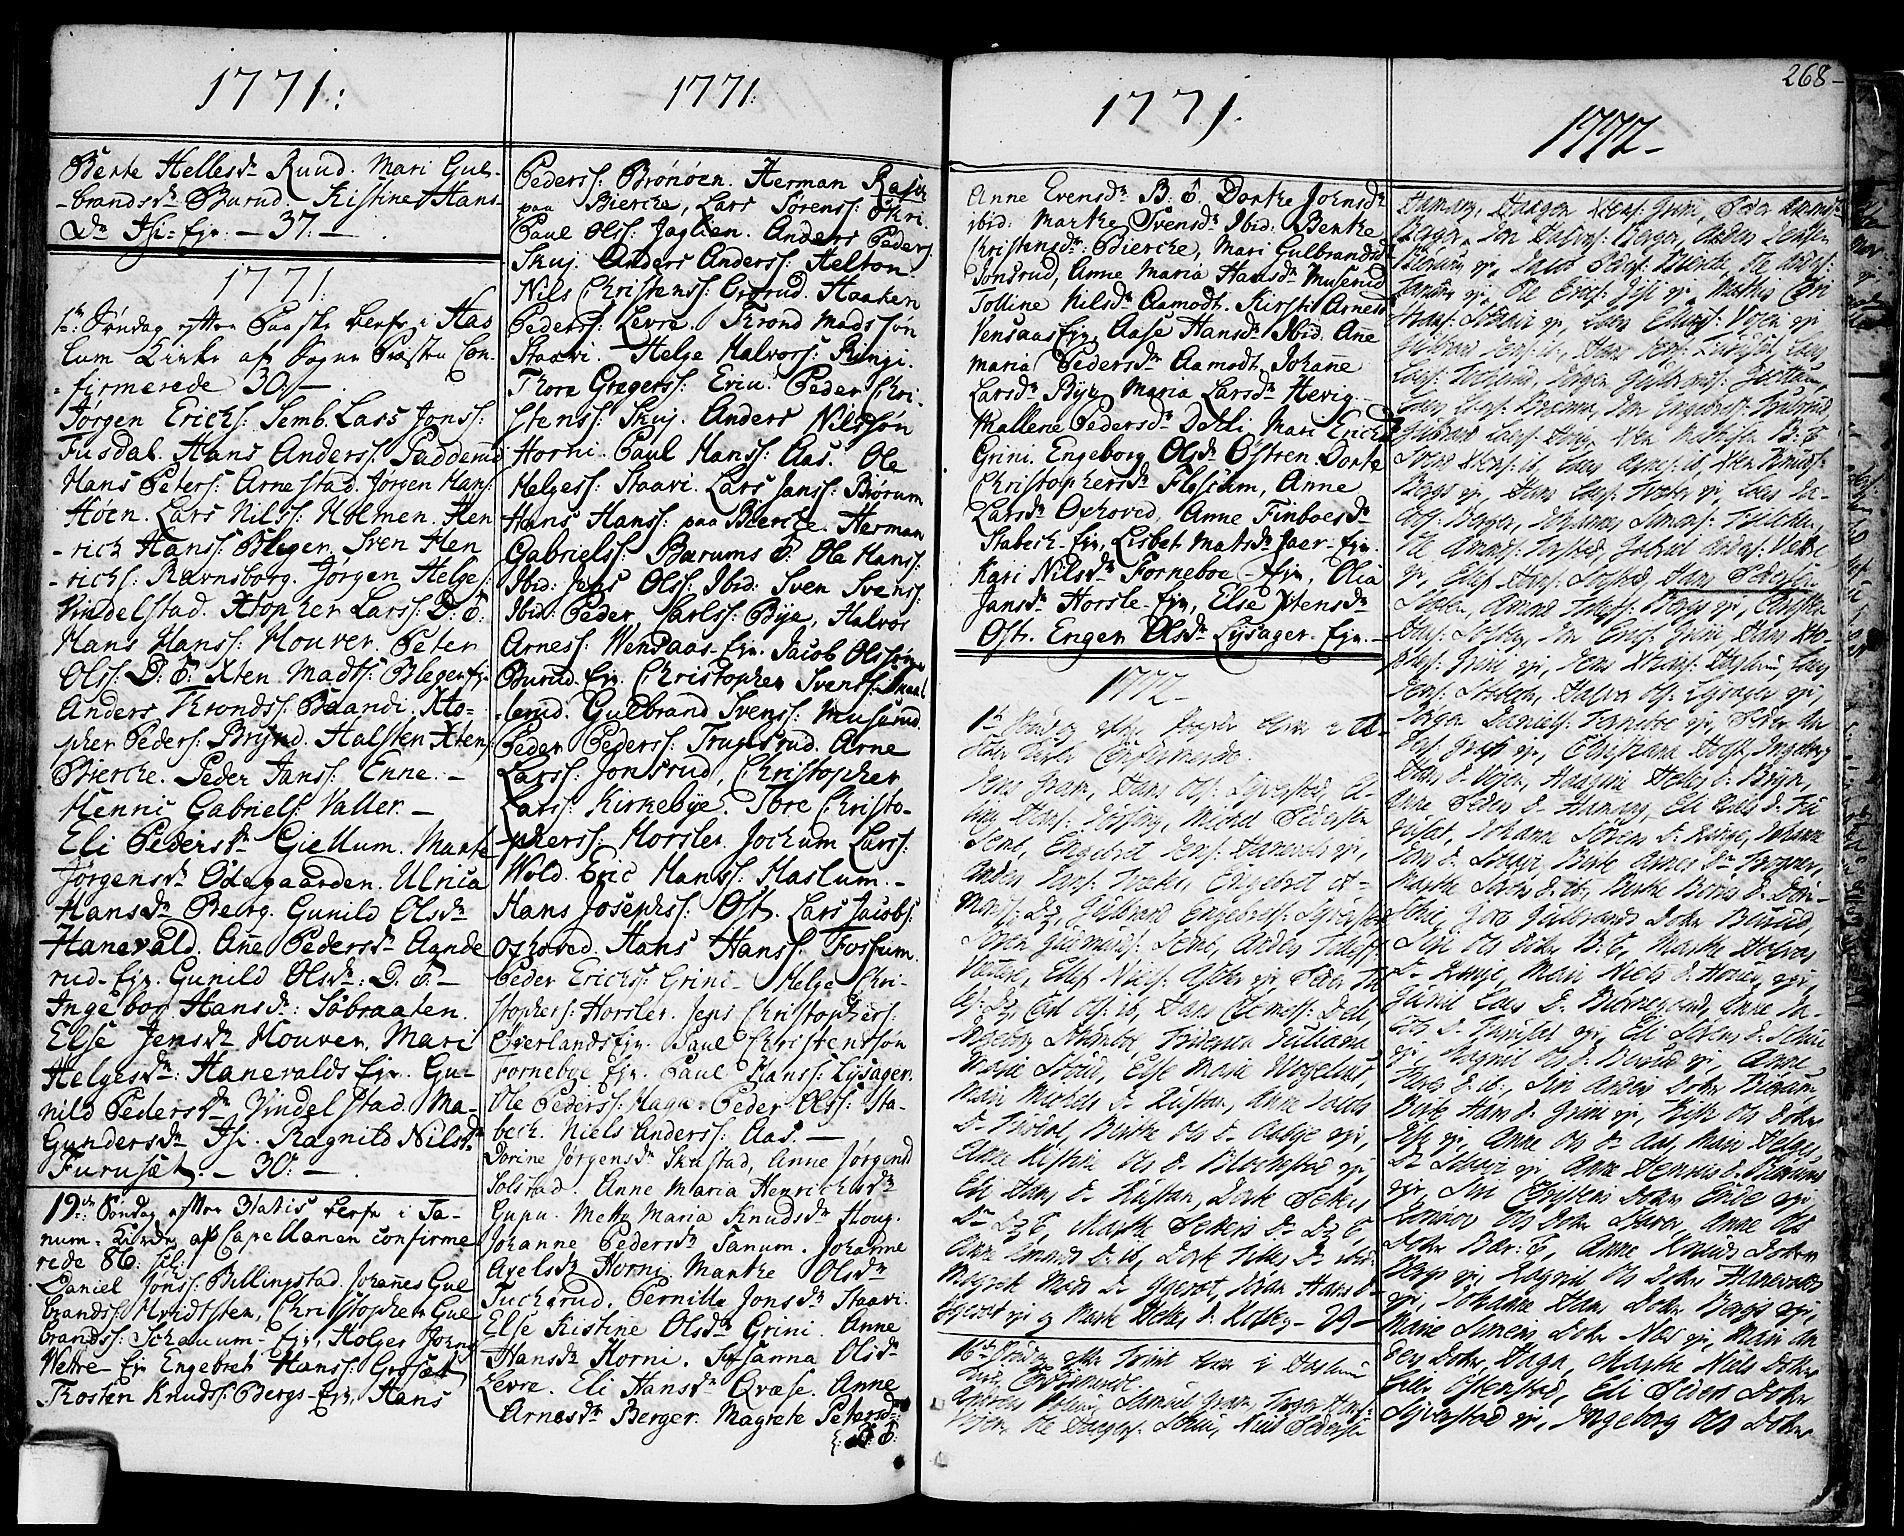 SAO, Asker prestekontor Kirkebøker, F/Fa/L0003: Ministerialbok nr. I 3, 1767-1807, s. 268